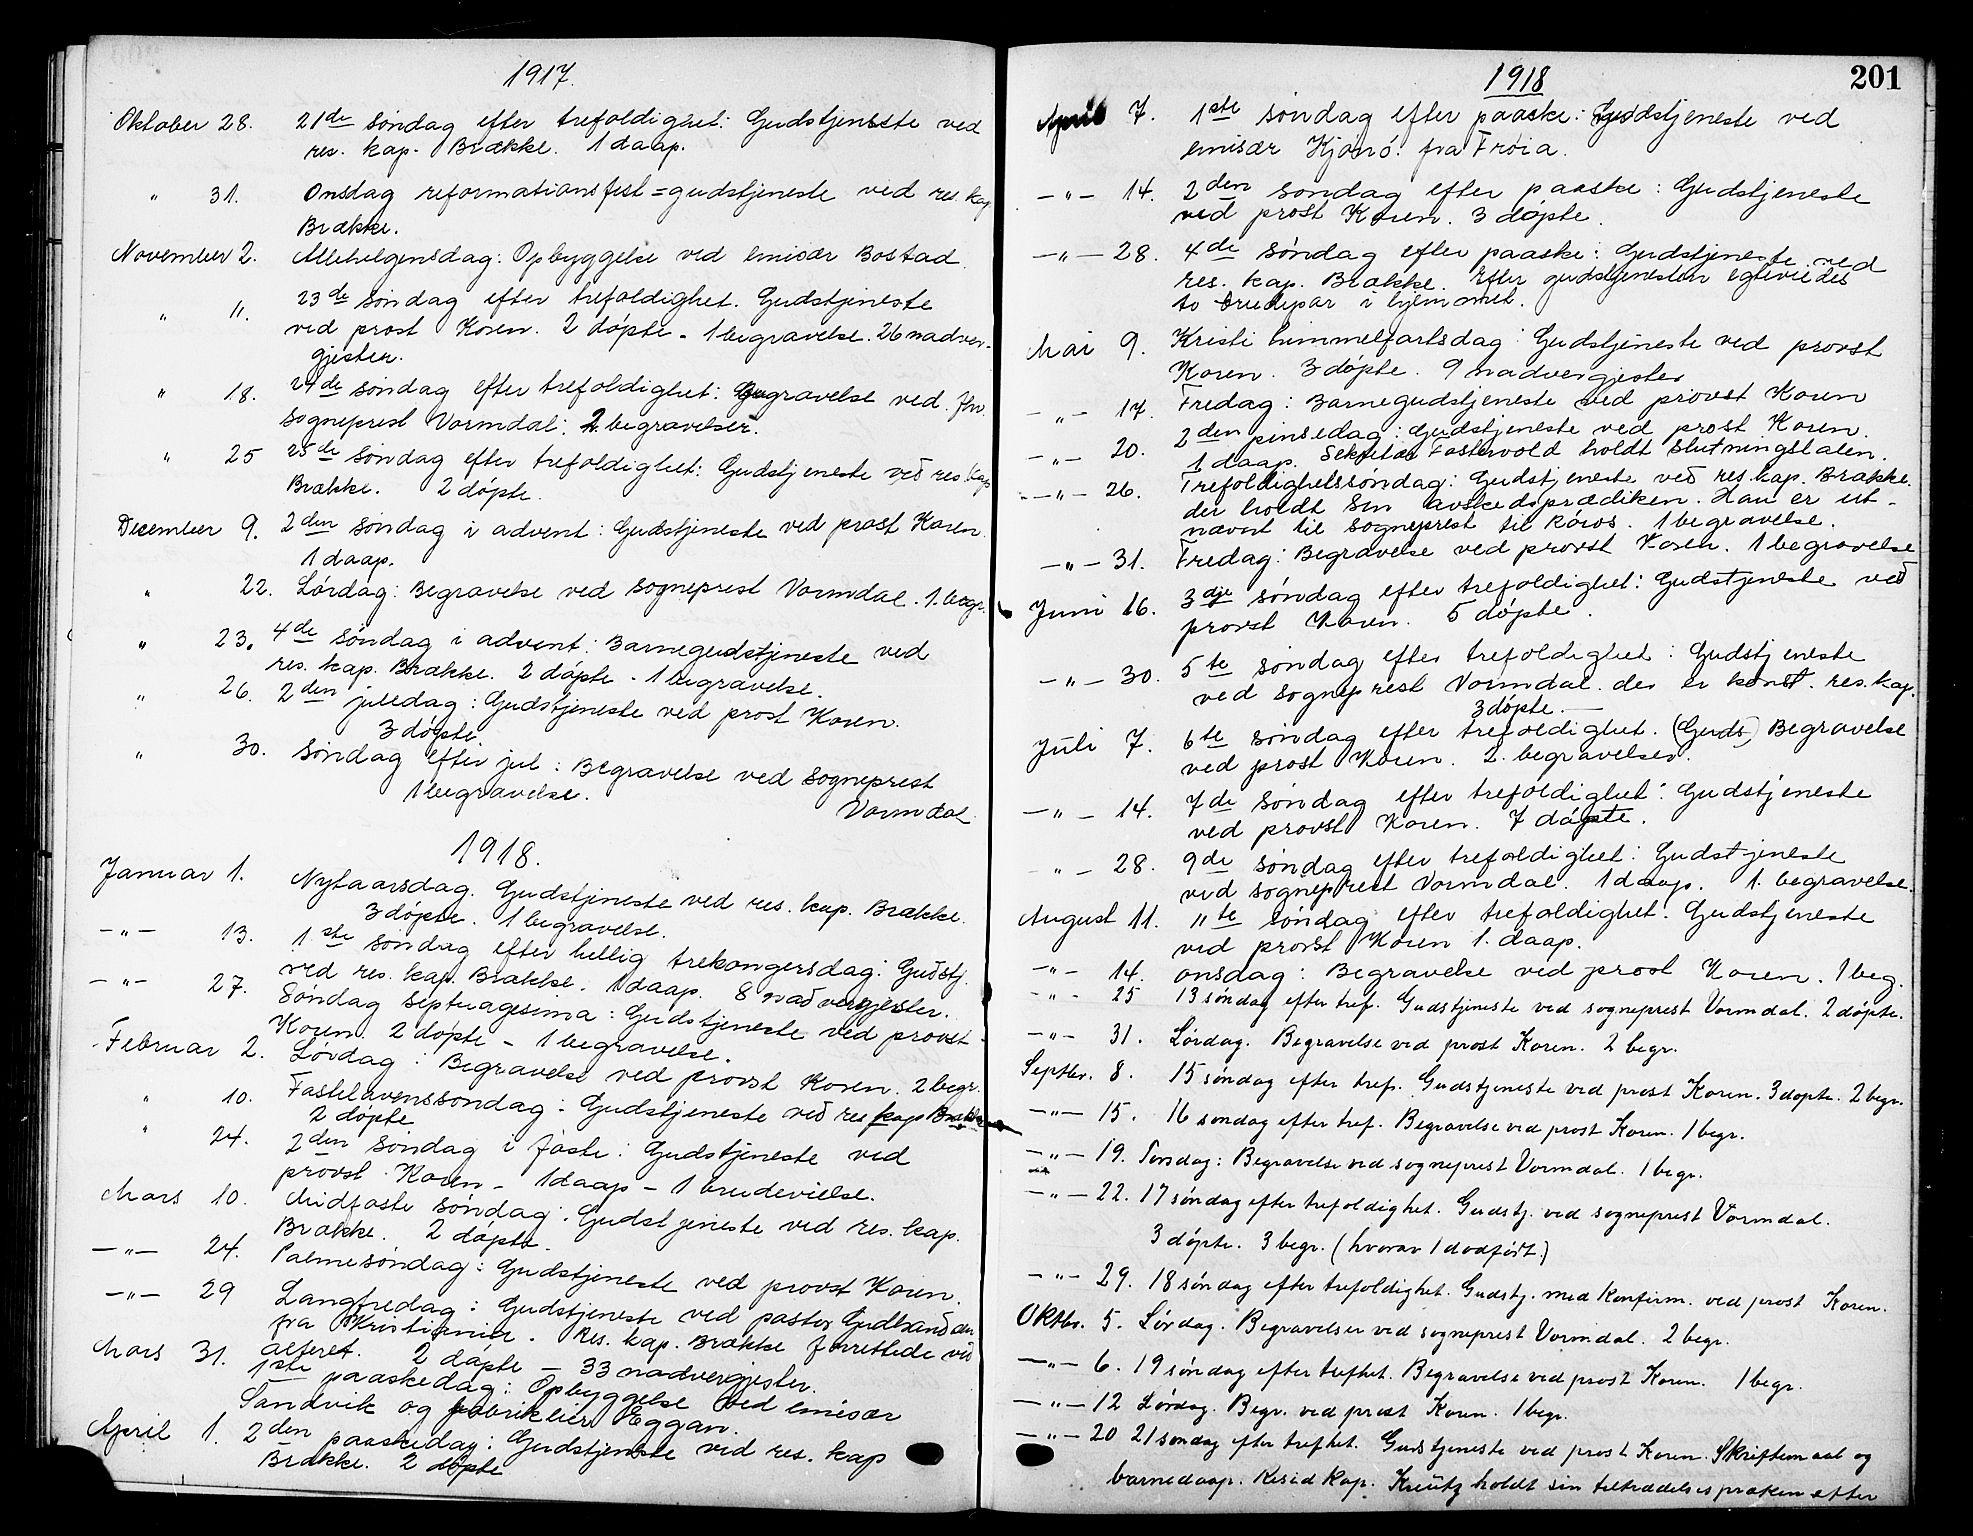 SAT, Ministerialprotokoller, klokkerbøker og fødselsregistre - Sør-Trøndelag, 669/L0831: Klokkerbok nr. 669C01, 1909-1924, s. 201